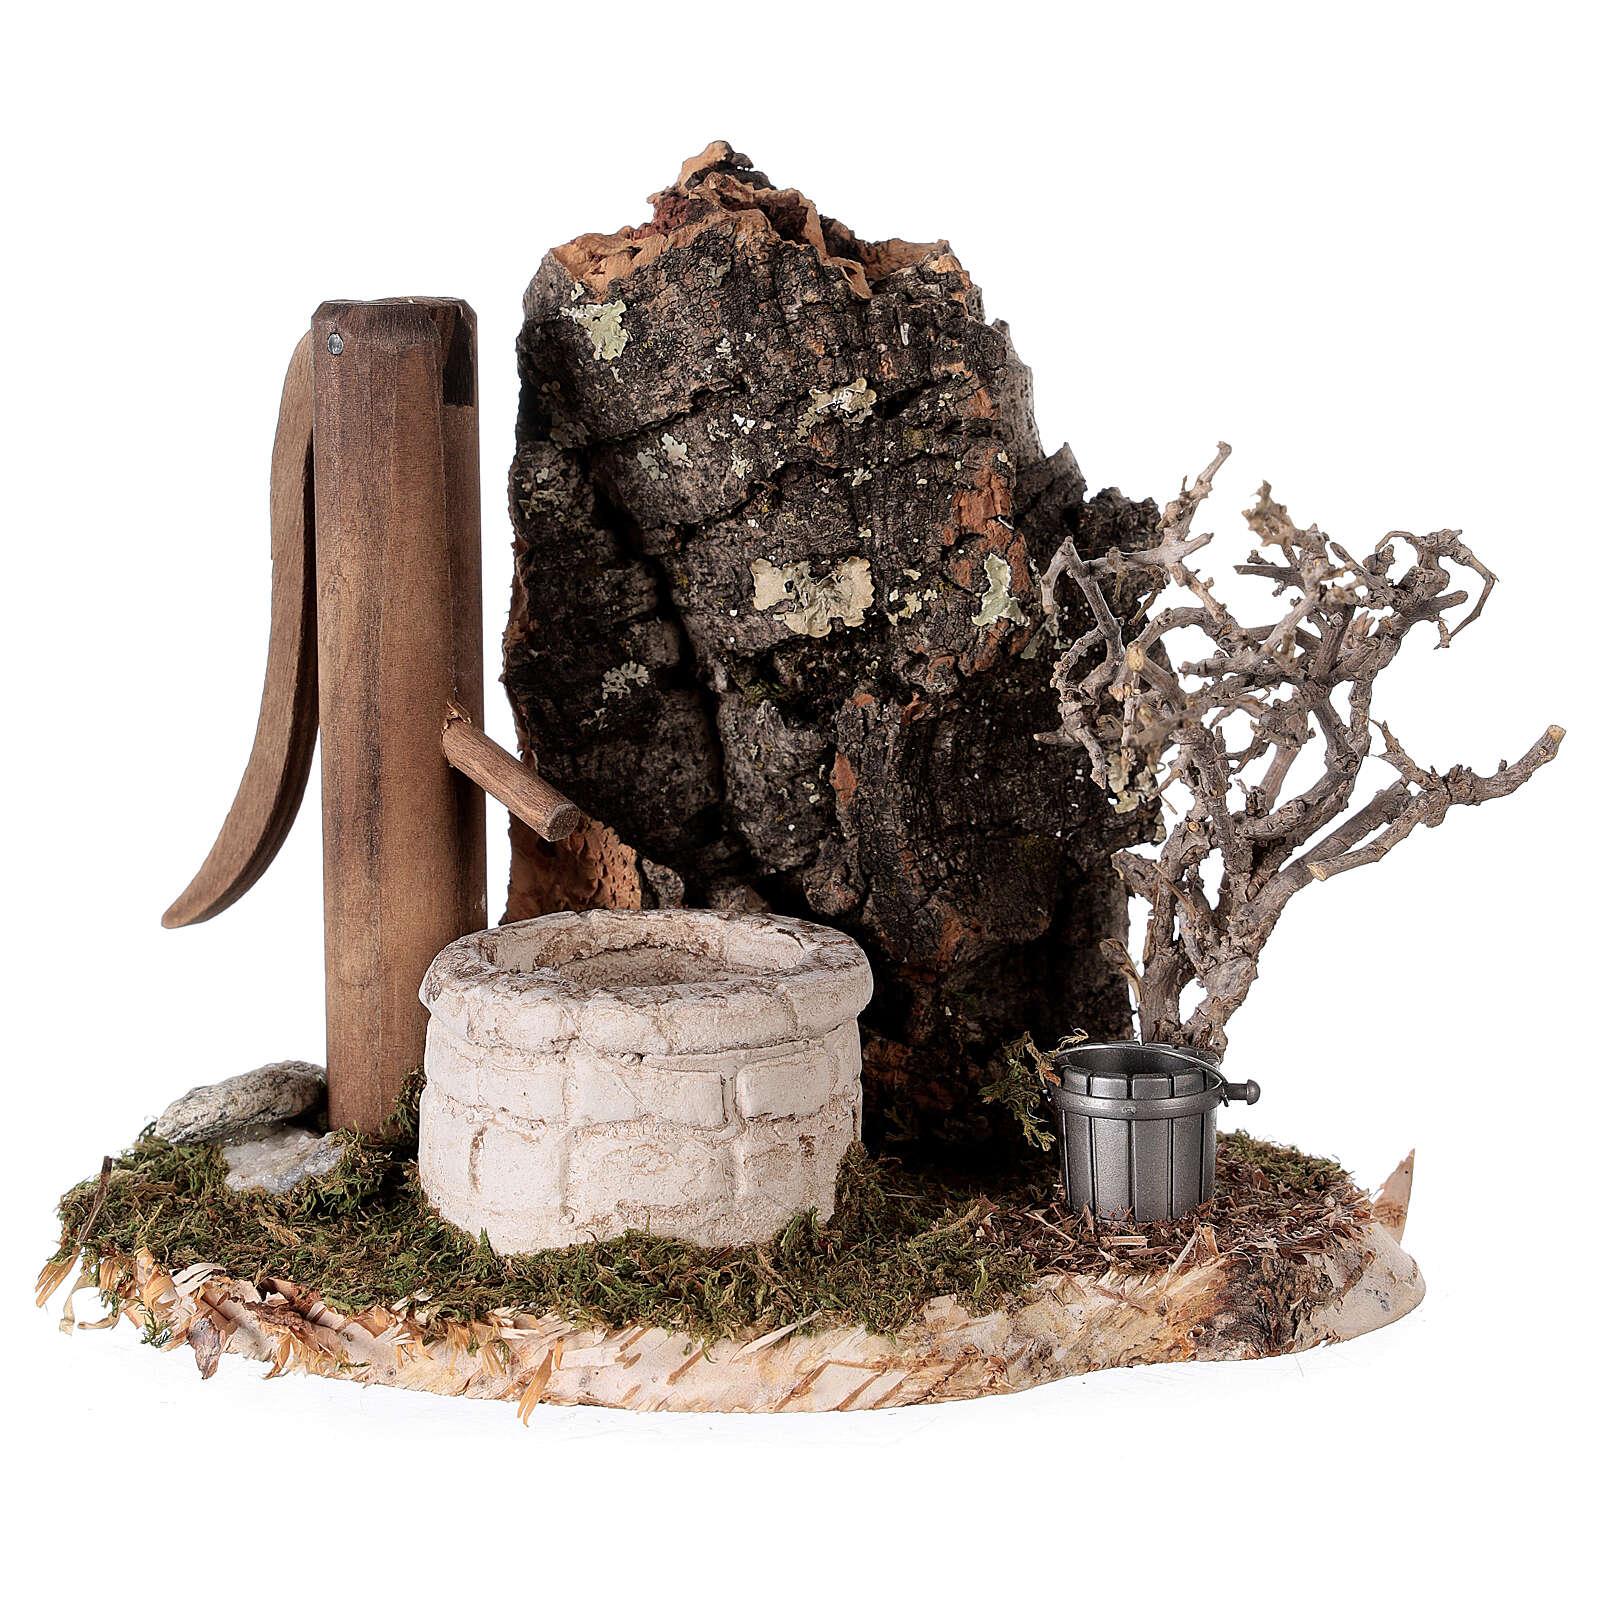 Finta fontana nordica 15x15x10 cm per presepi 8-10-12 cm 4